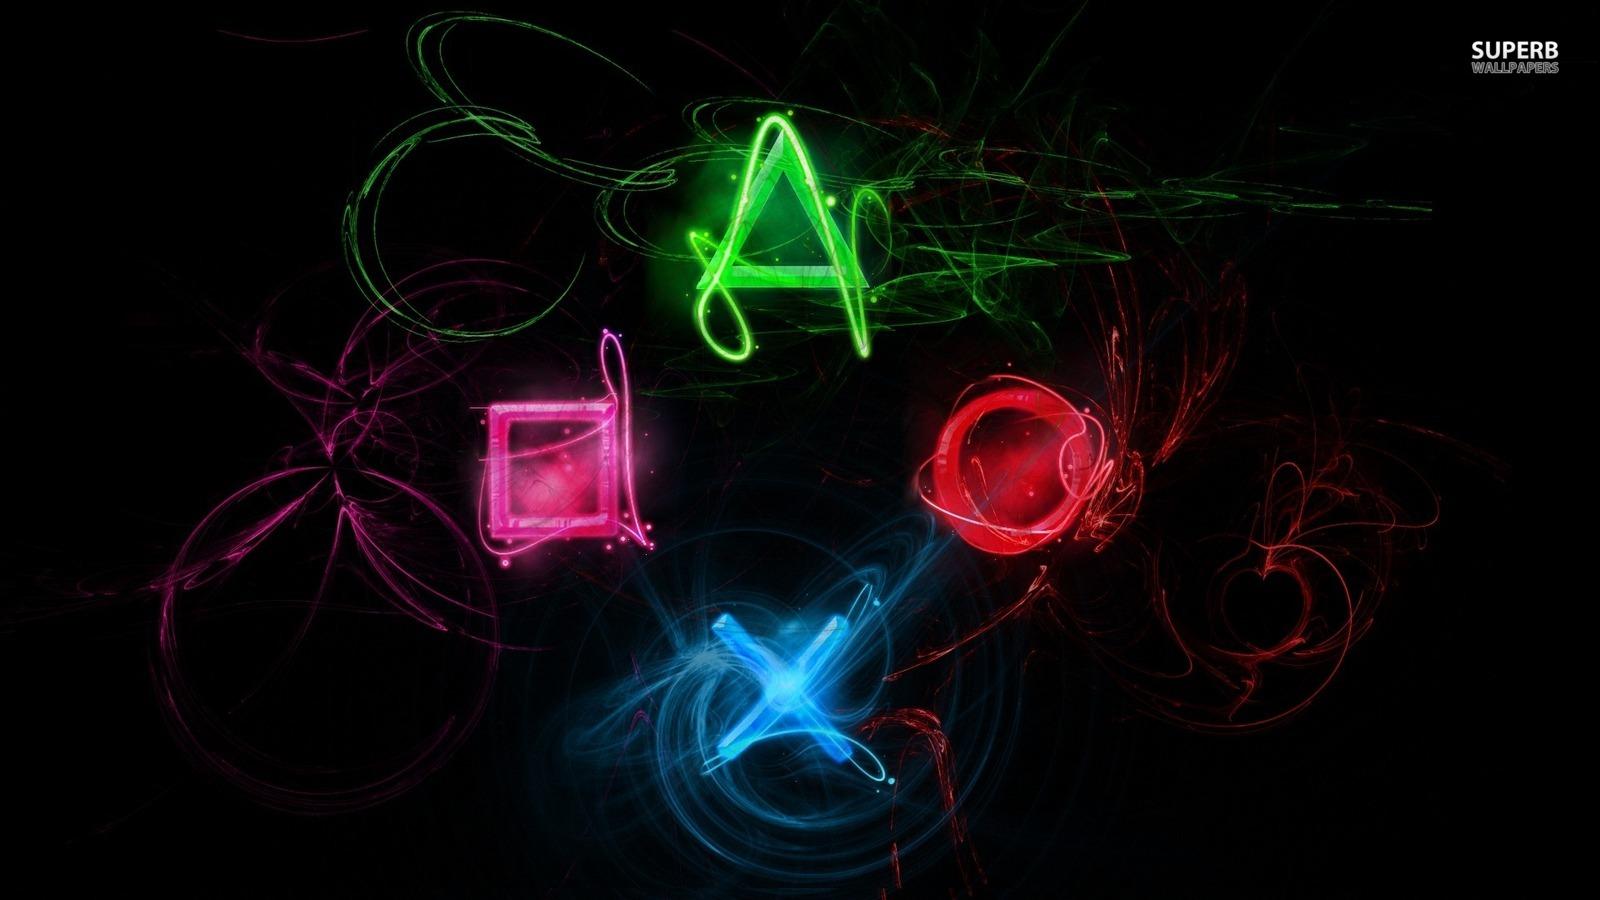 Neon 플레이스테이션